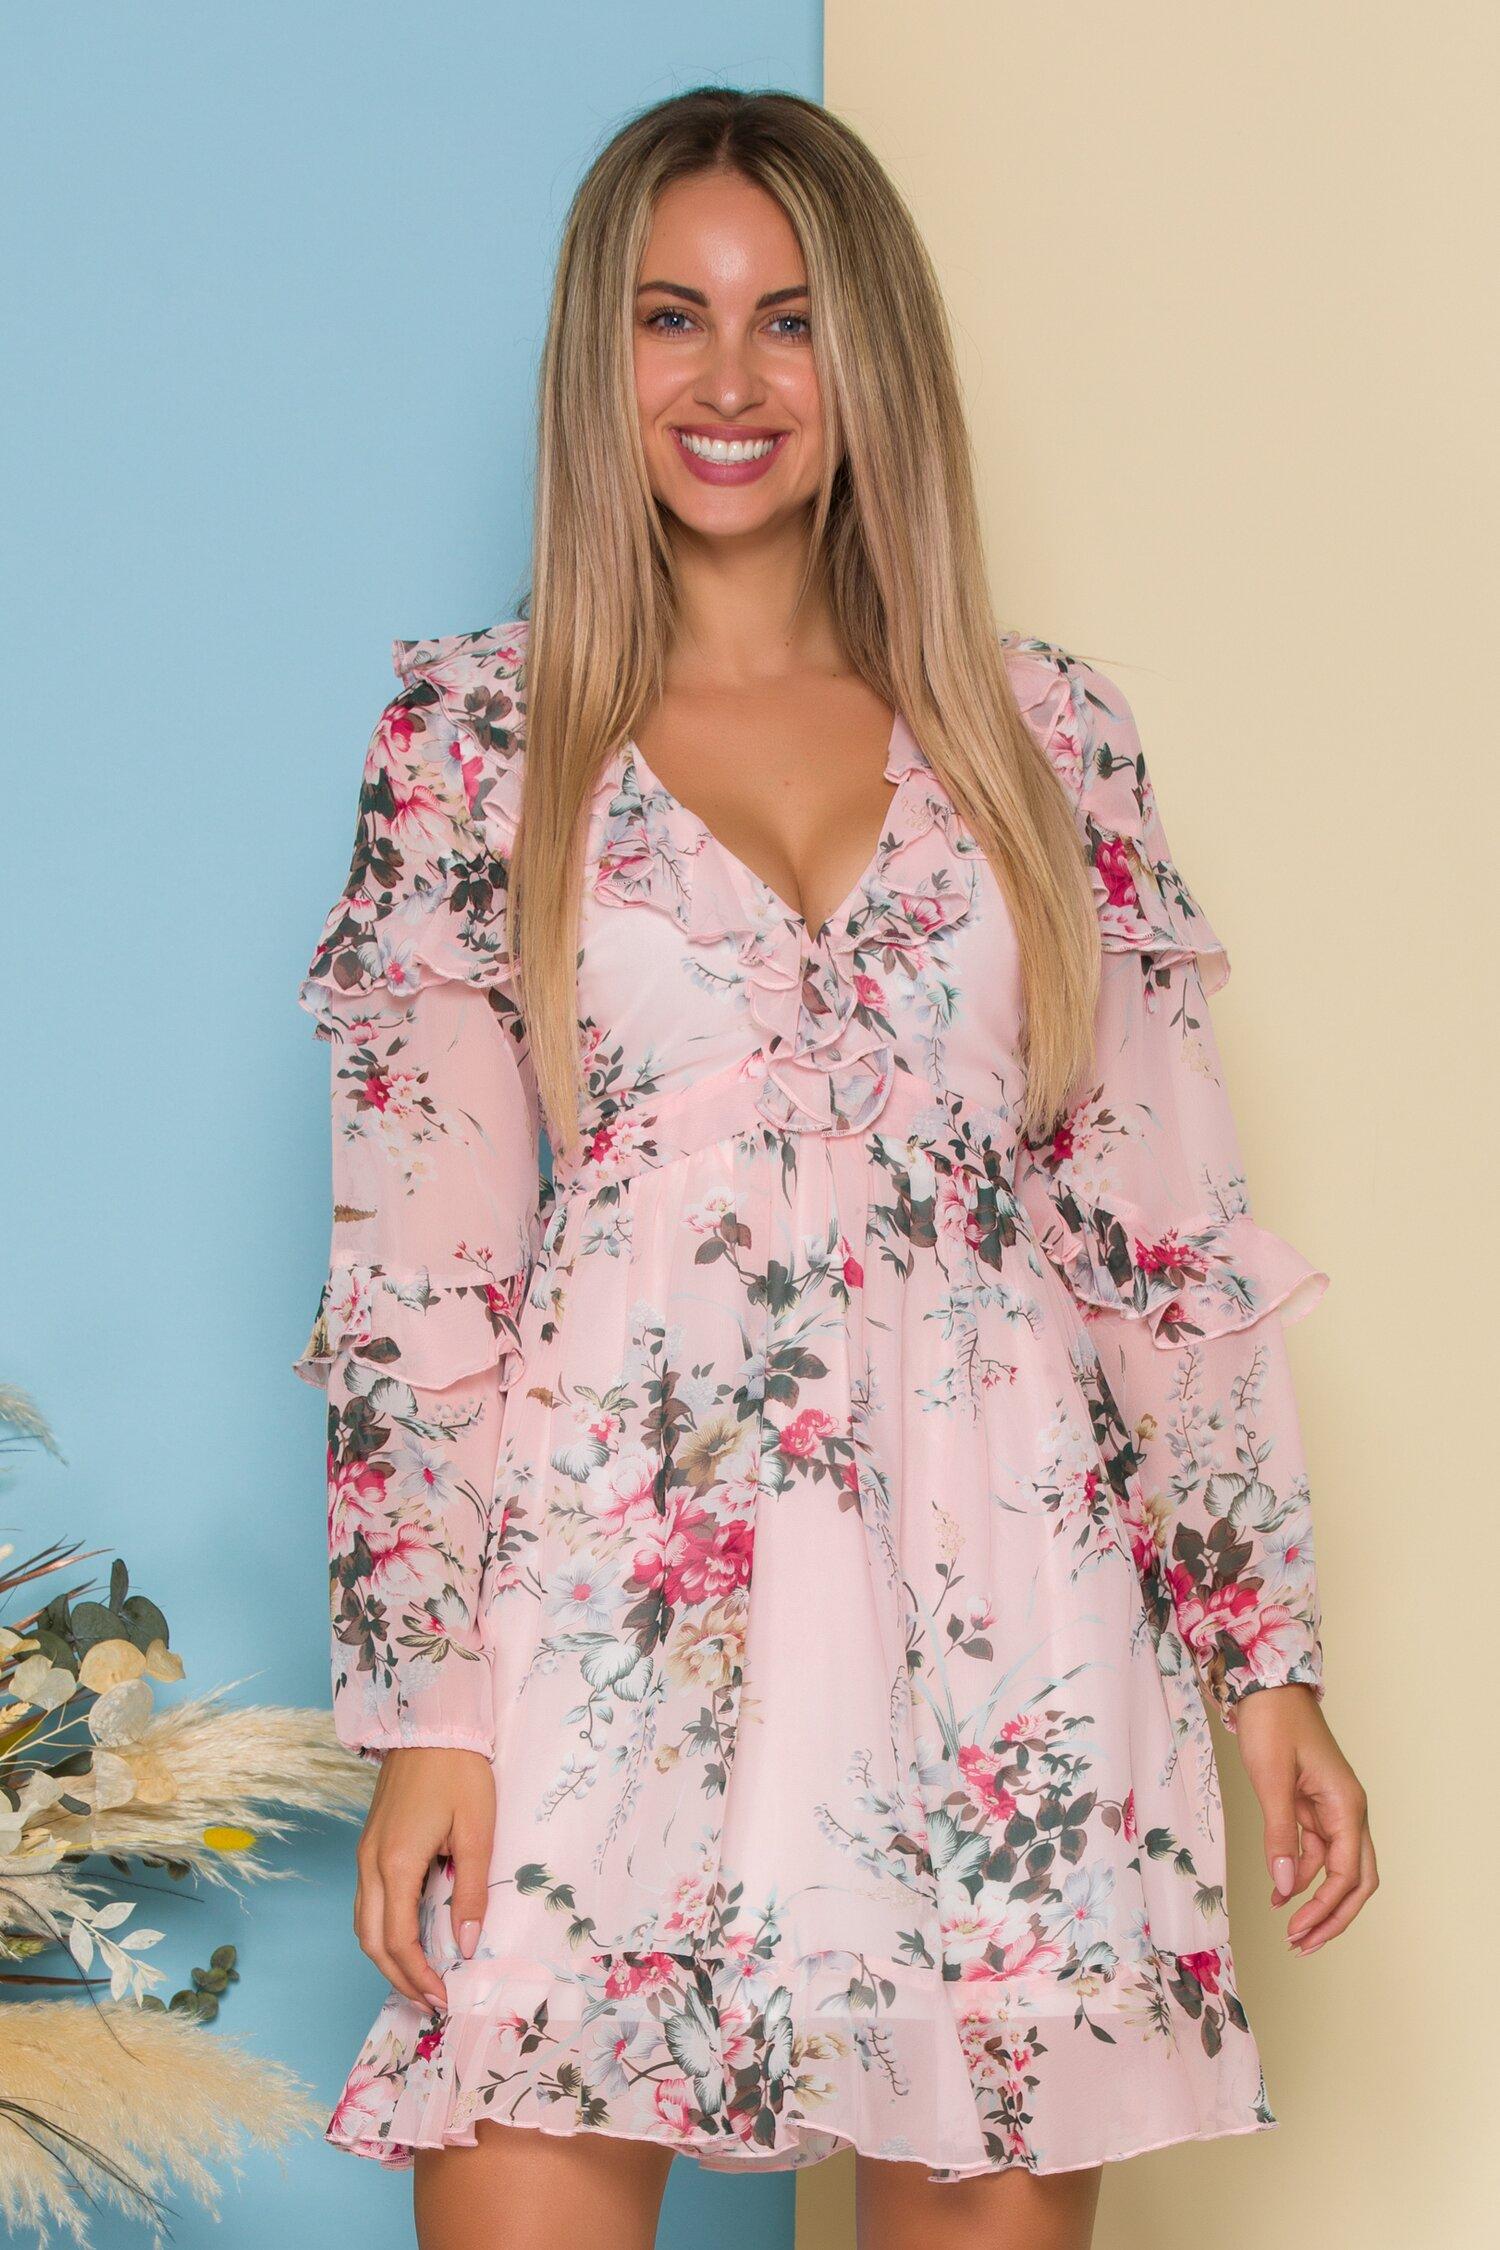 Rochie Andrada roz cu imprimeuri florale si volanase la decolteu si maneci imagine dyfashion.ro 2021